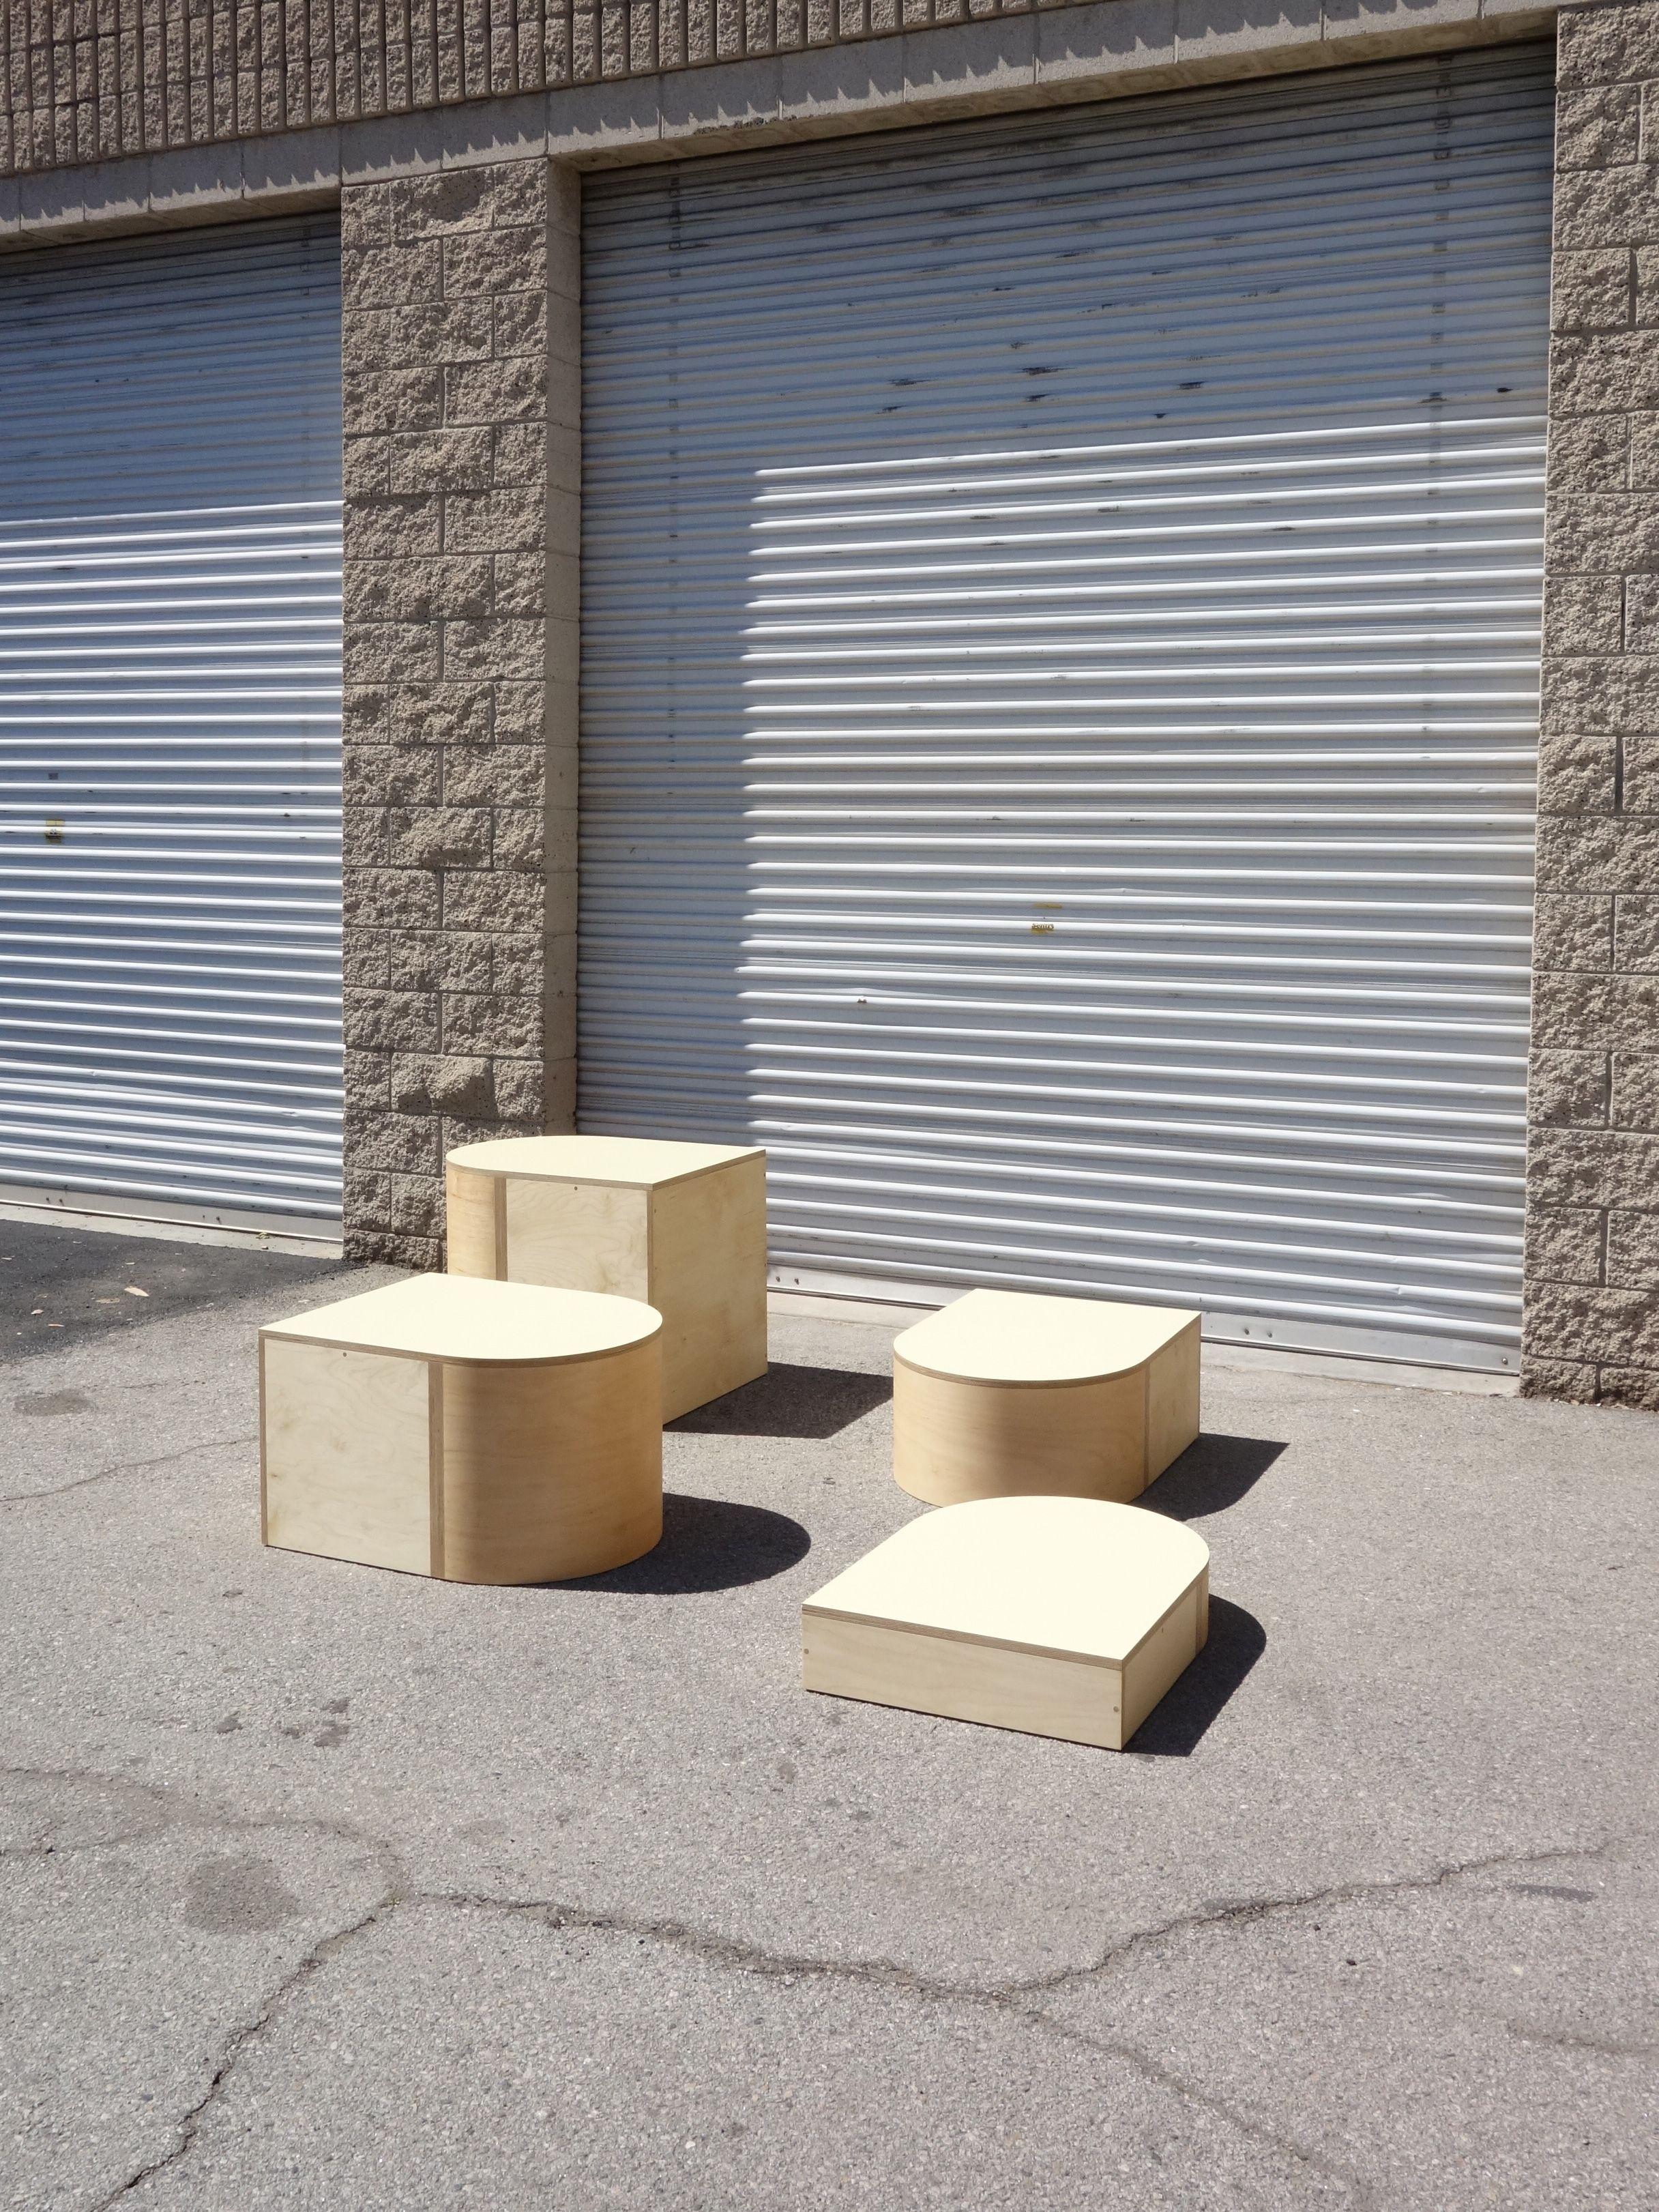 Rebag Madison, NY product image 8